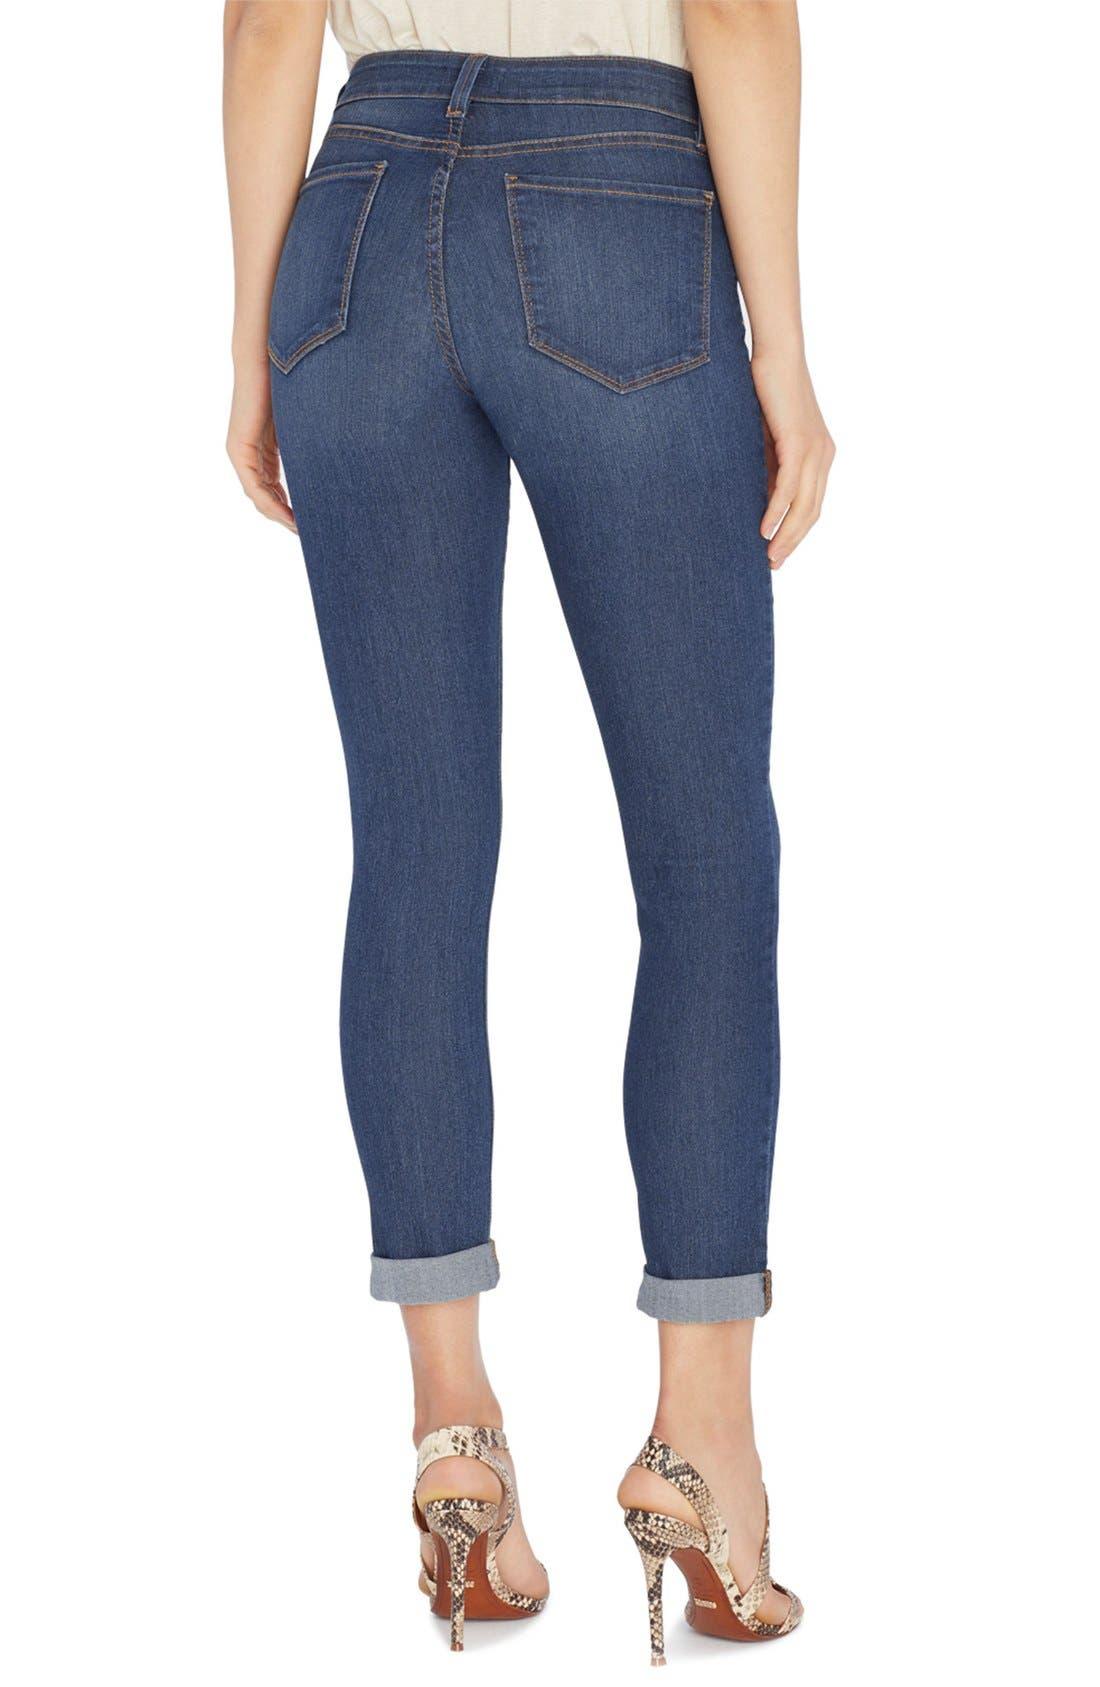 'Annabelle' Stretch Boyfriend Jeans,                             Alternate thumbnail 4, color,                             401